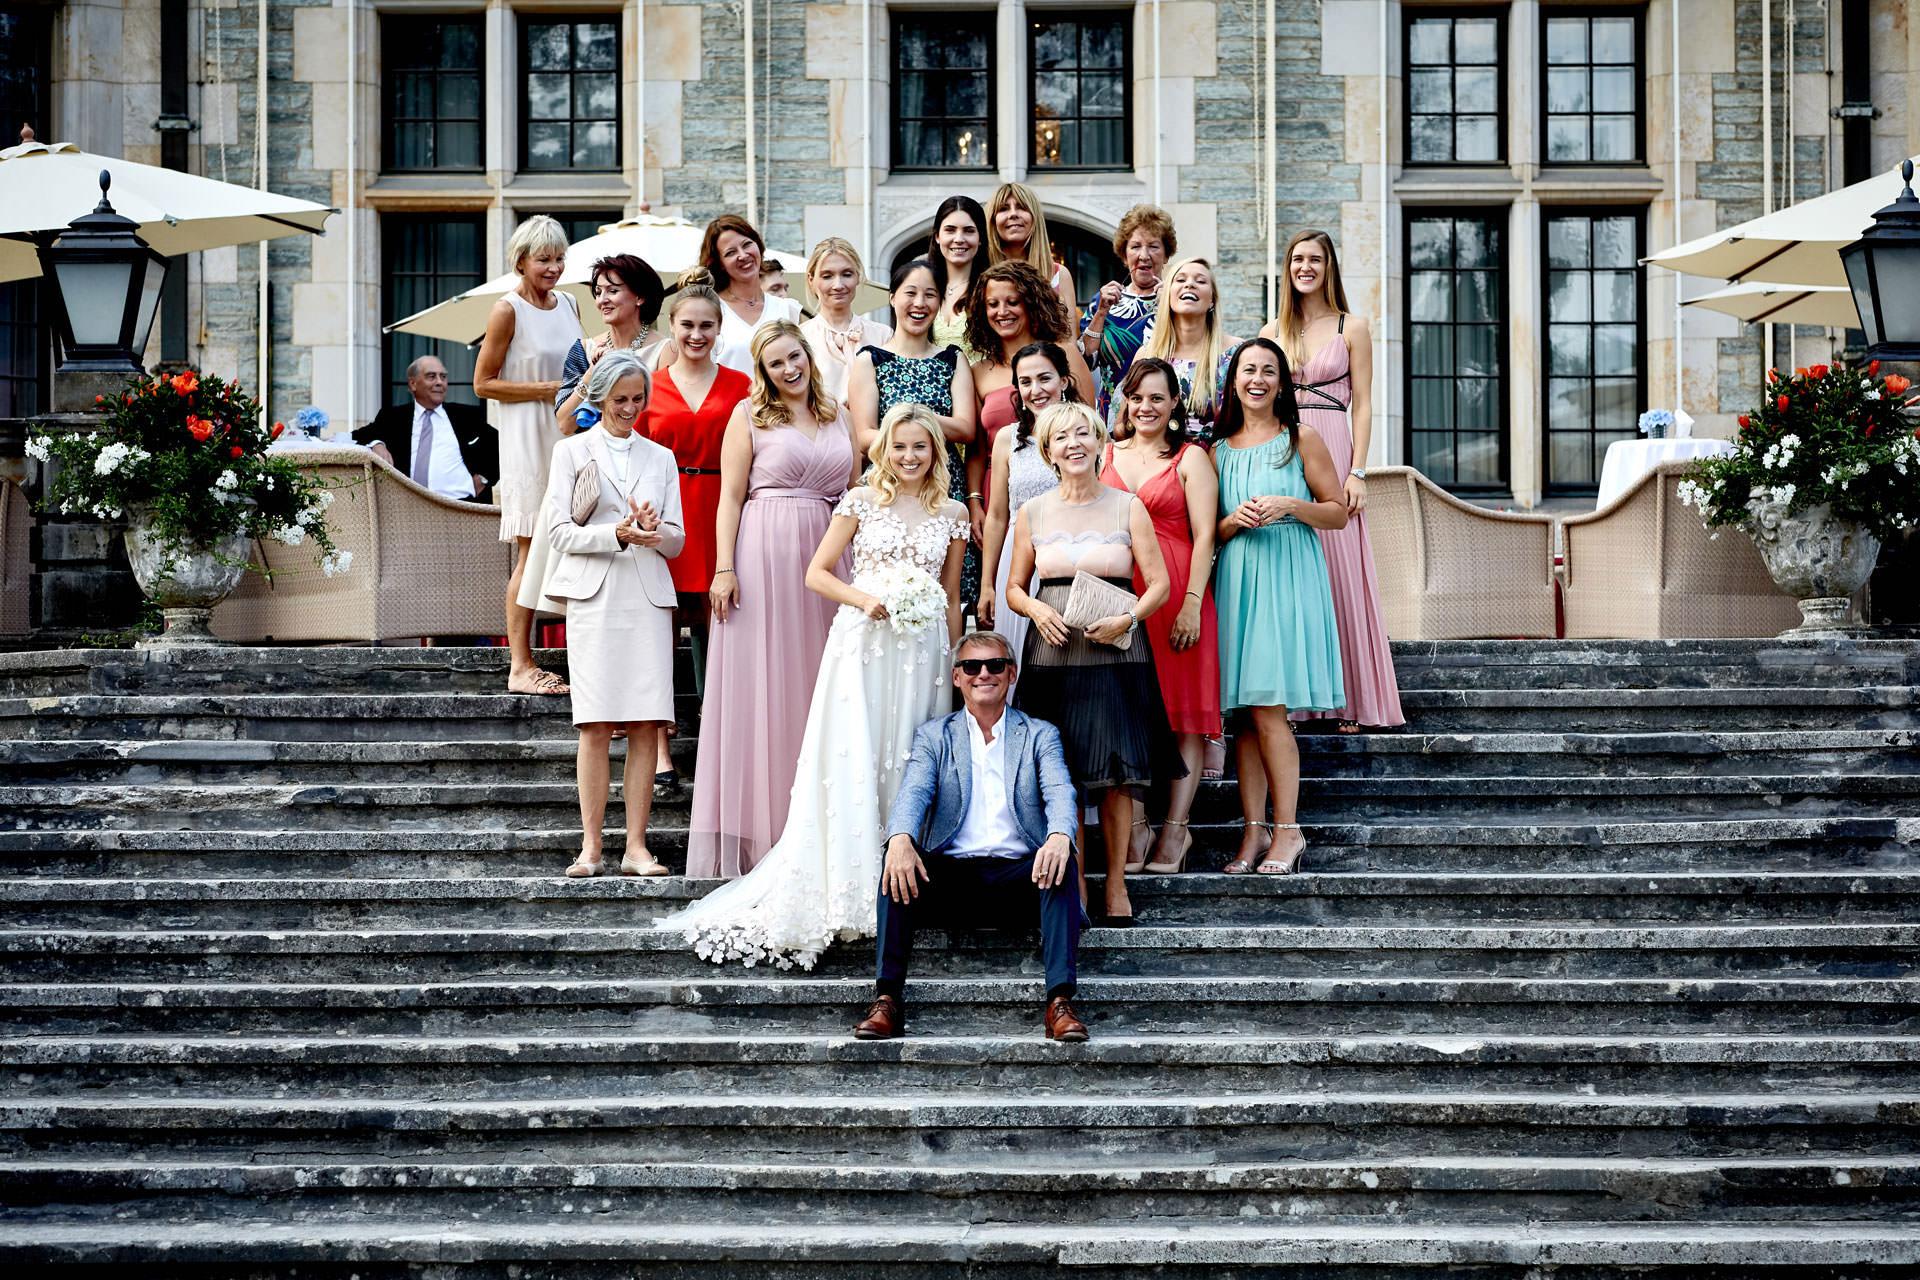 NS_328__Schlosshotel_Kronberg_#SchlosshotelKronberg_